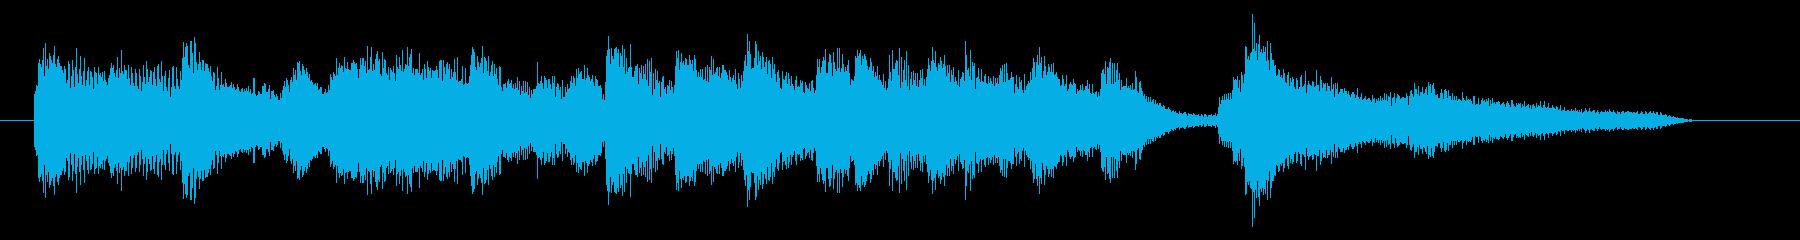 ジングル ピアノソロ さわやかバラードの再生済みの波形